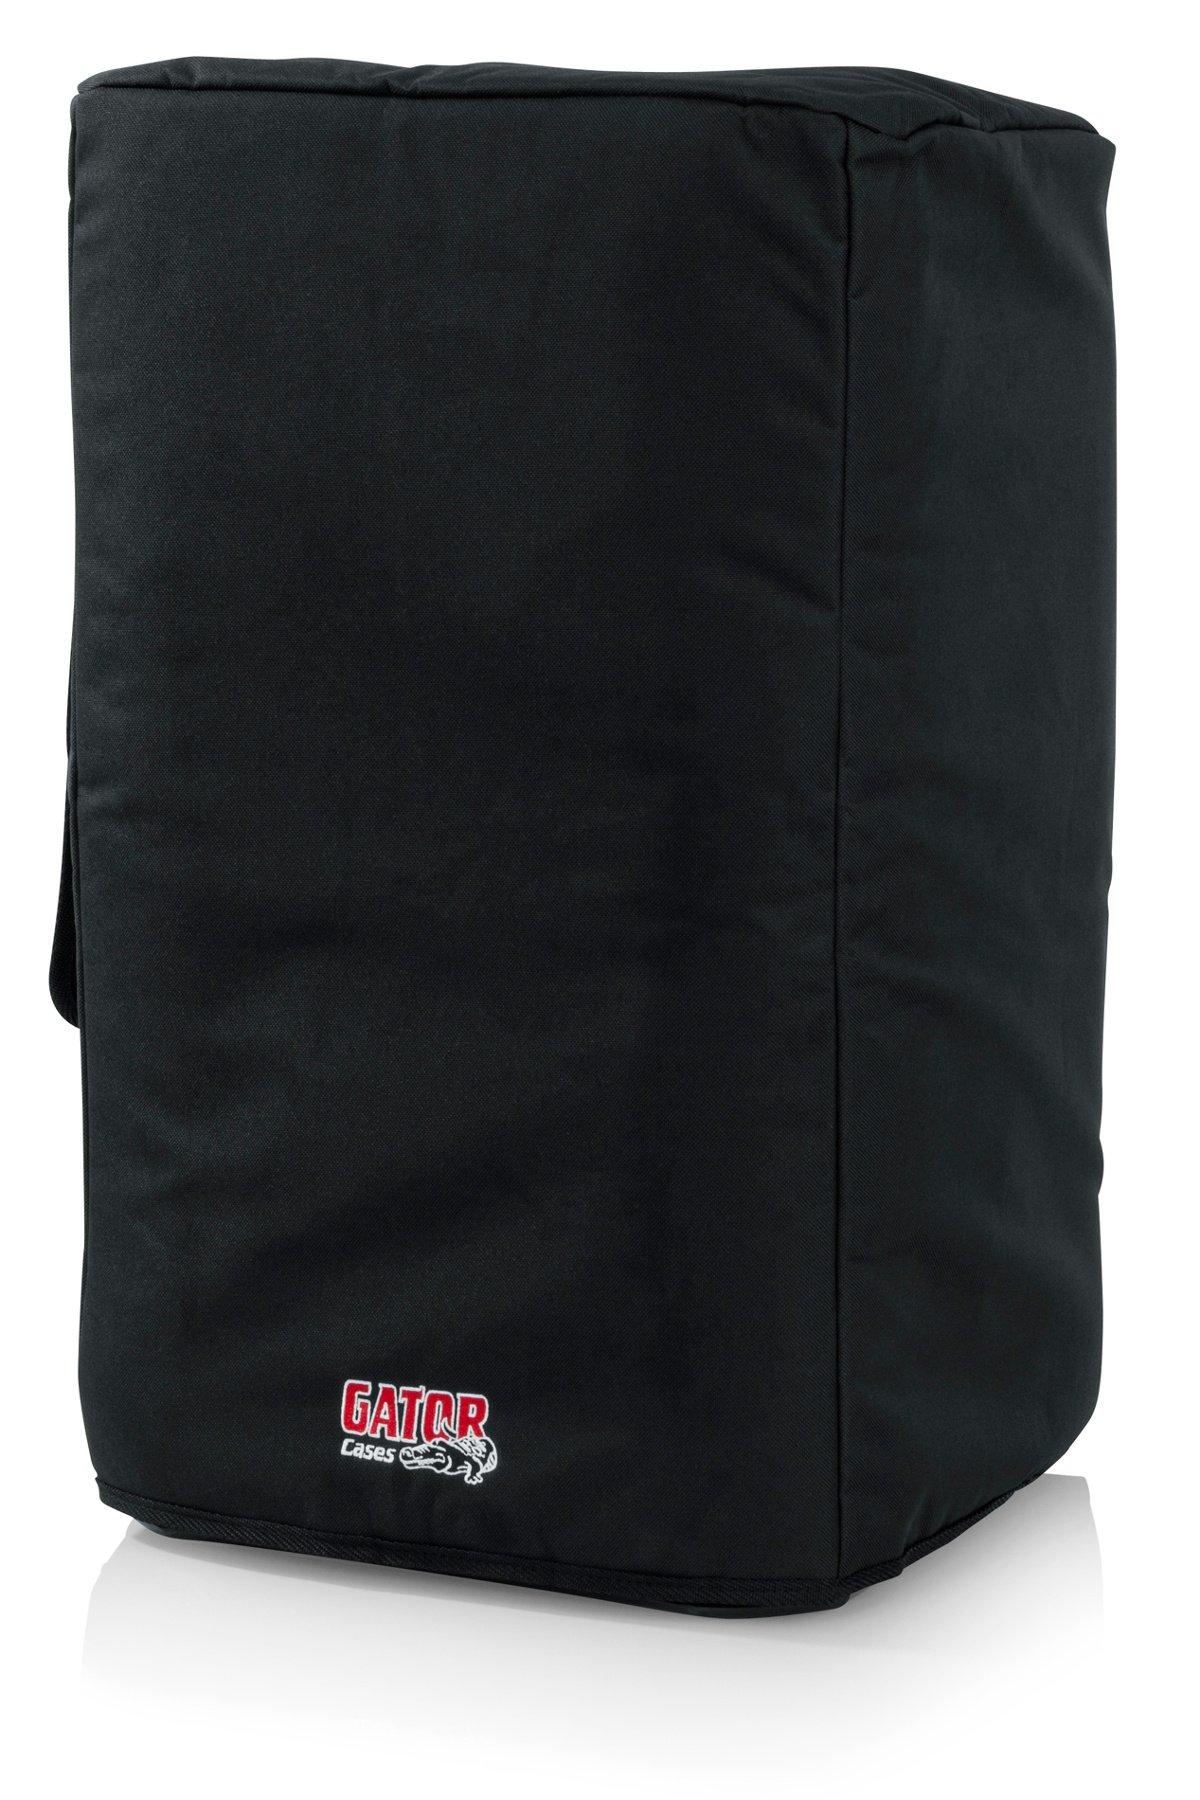 """Gator Cases GPA-CVR12 Nylon Speaker Cover for Compact 12"""" Speaker Cabinets GPA-CVR12"""